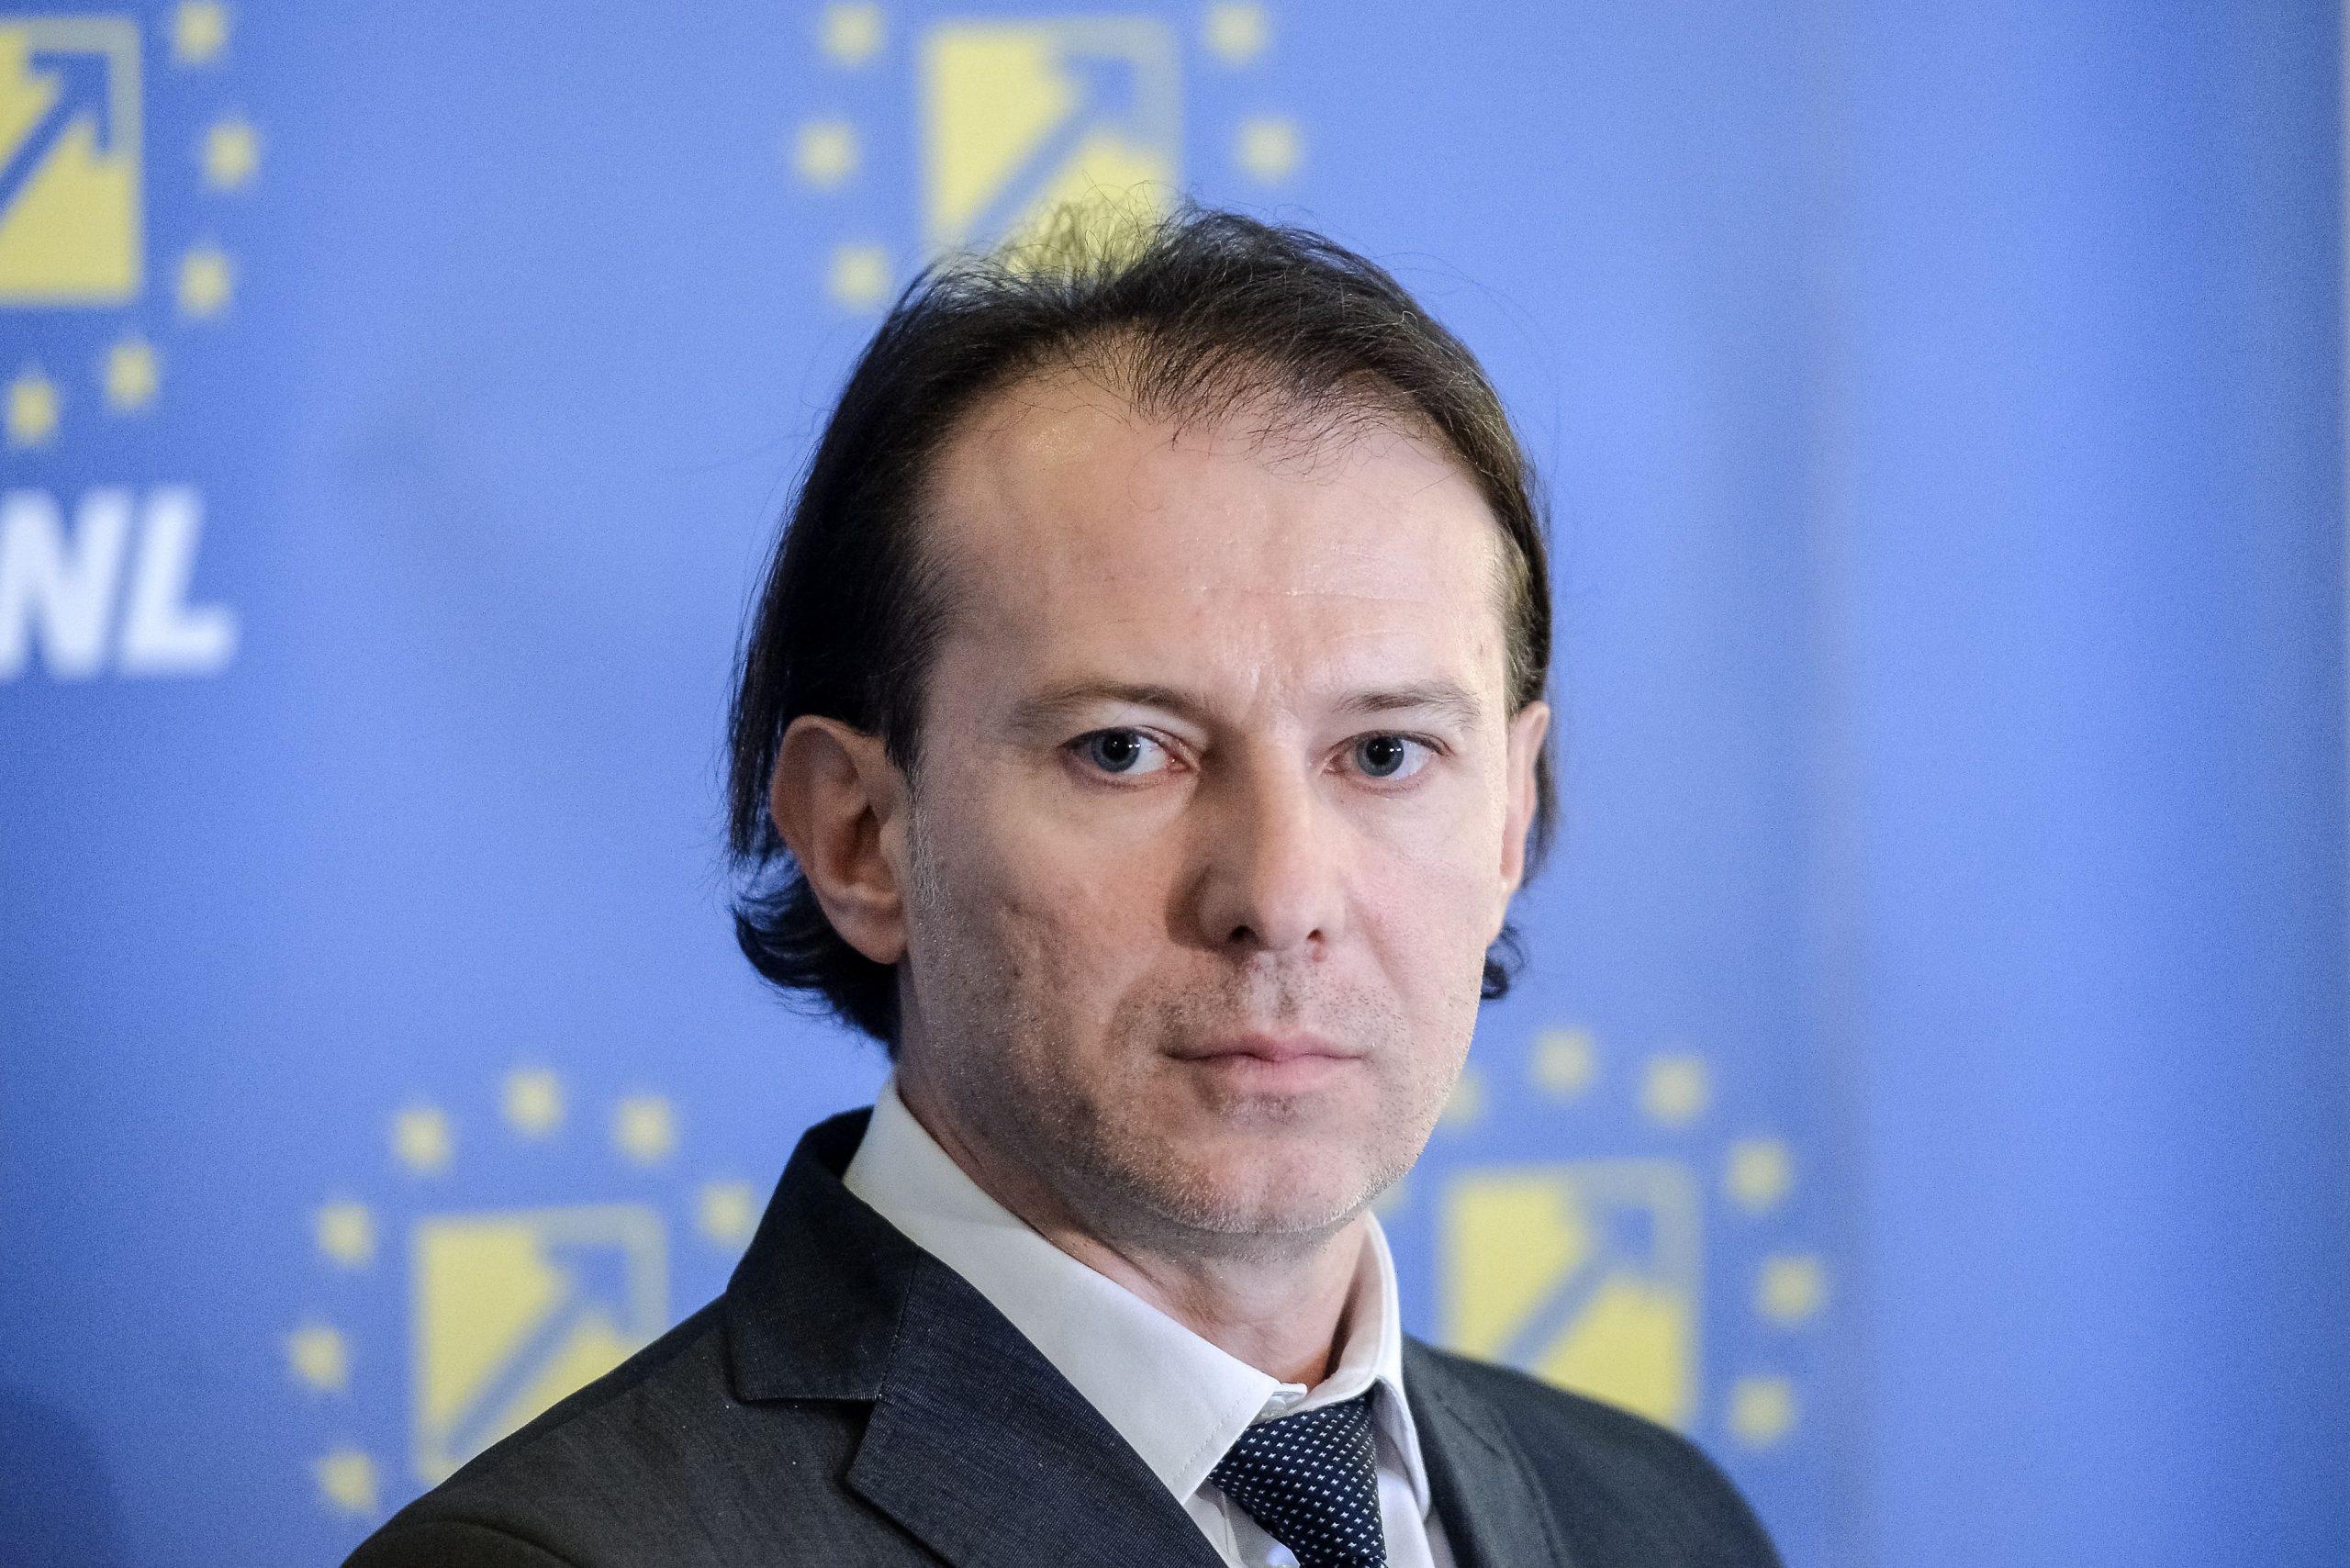 Cîțu: Peste un milion de români s-au întors în țară în 2020. Cifrele îl contrazic